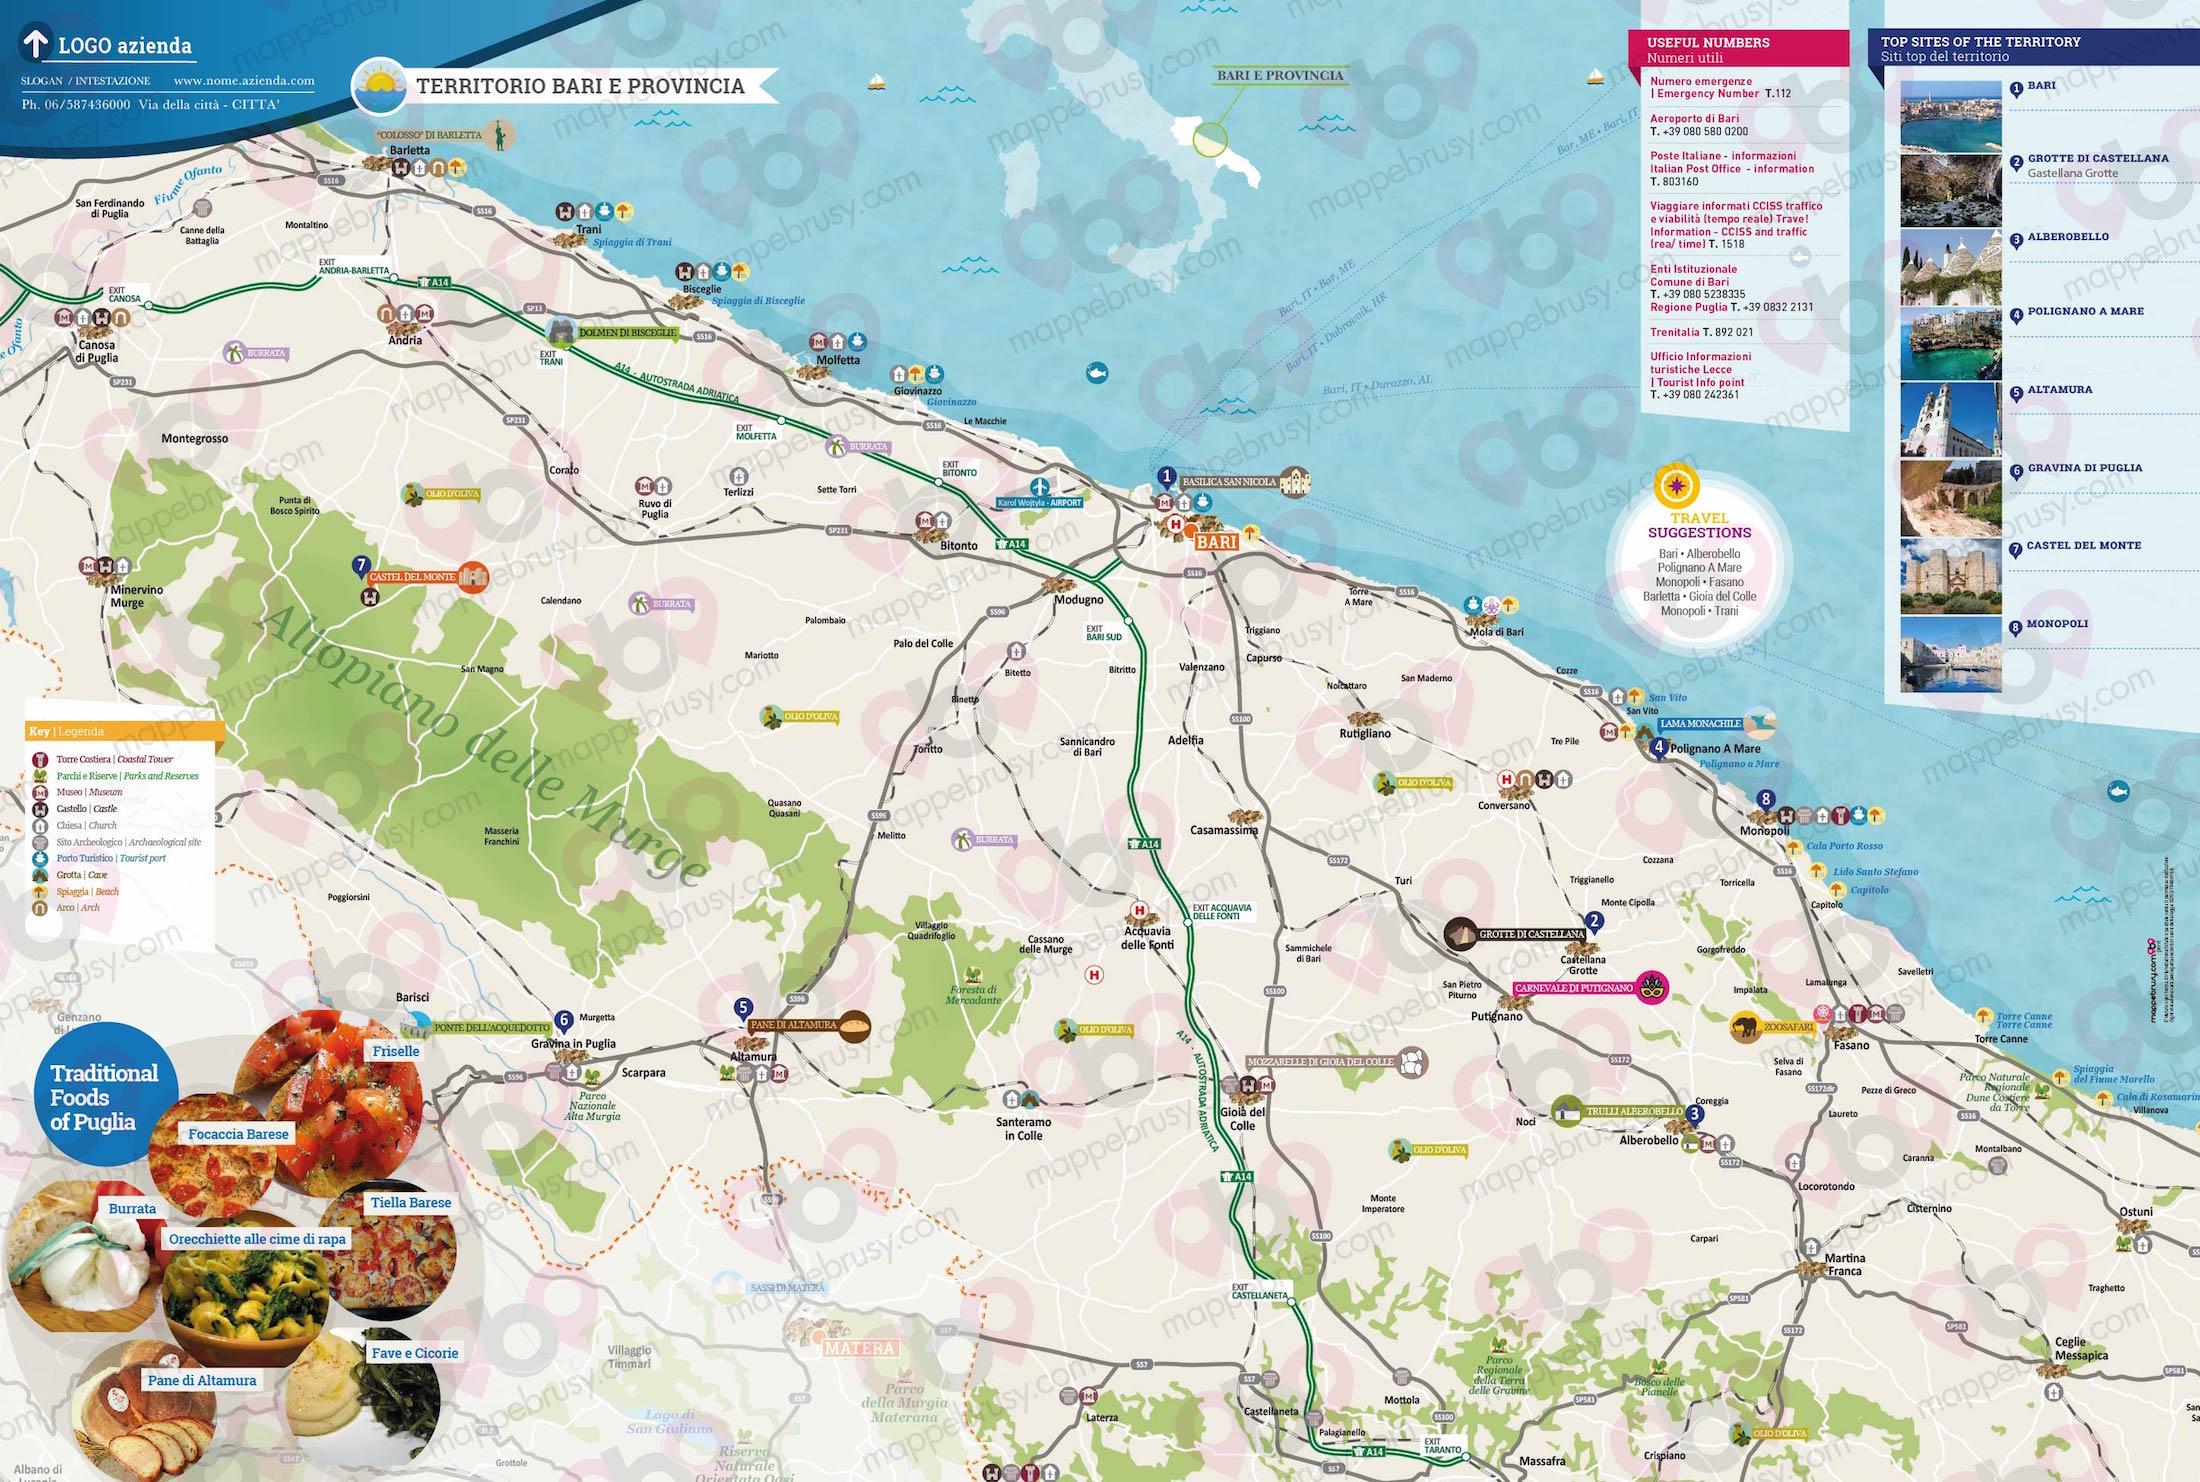 Bari Cartina Geografica.Bari E Provincia Mappe Brusy